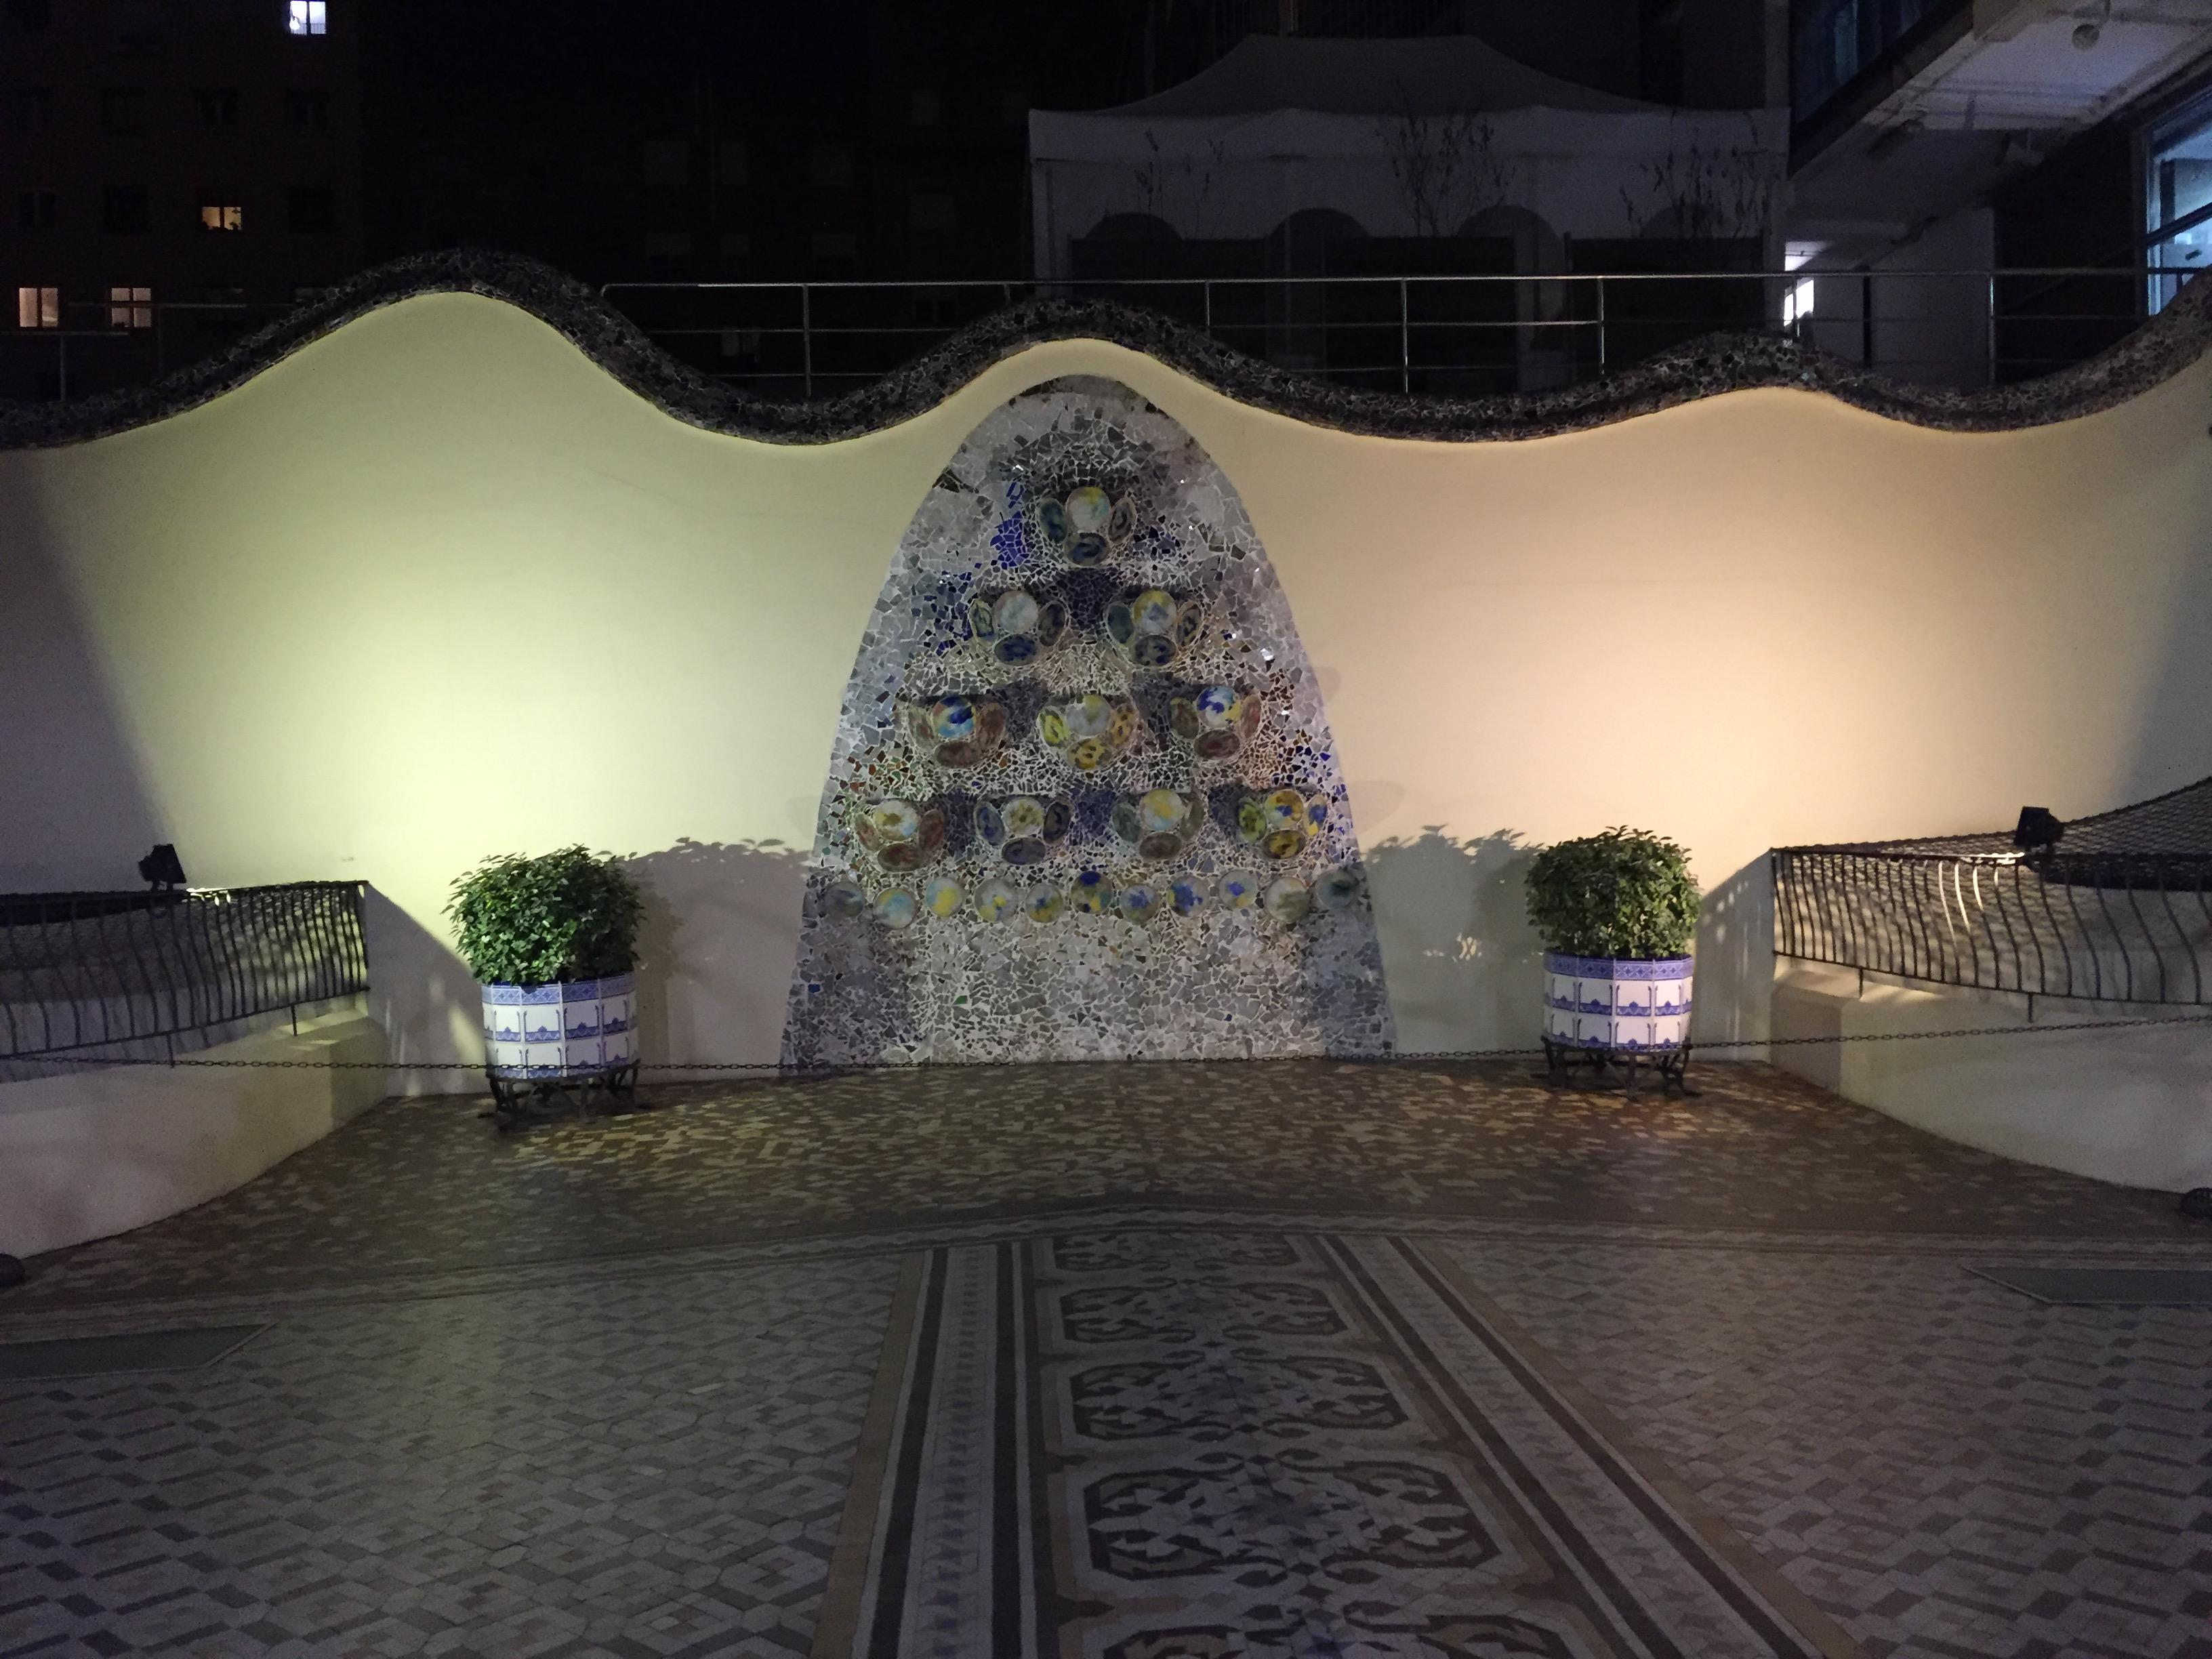 IMG 0866 - Visita a la Casa Batlló en Barcelona Parte II/II